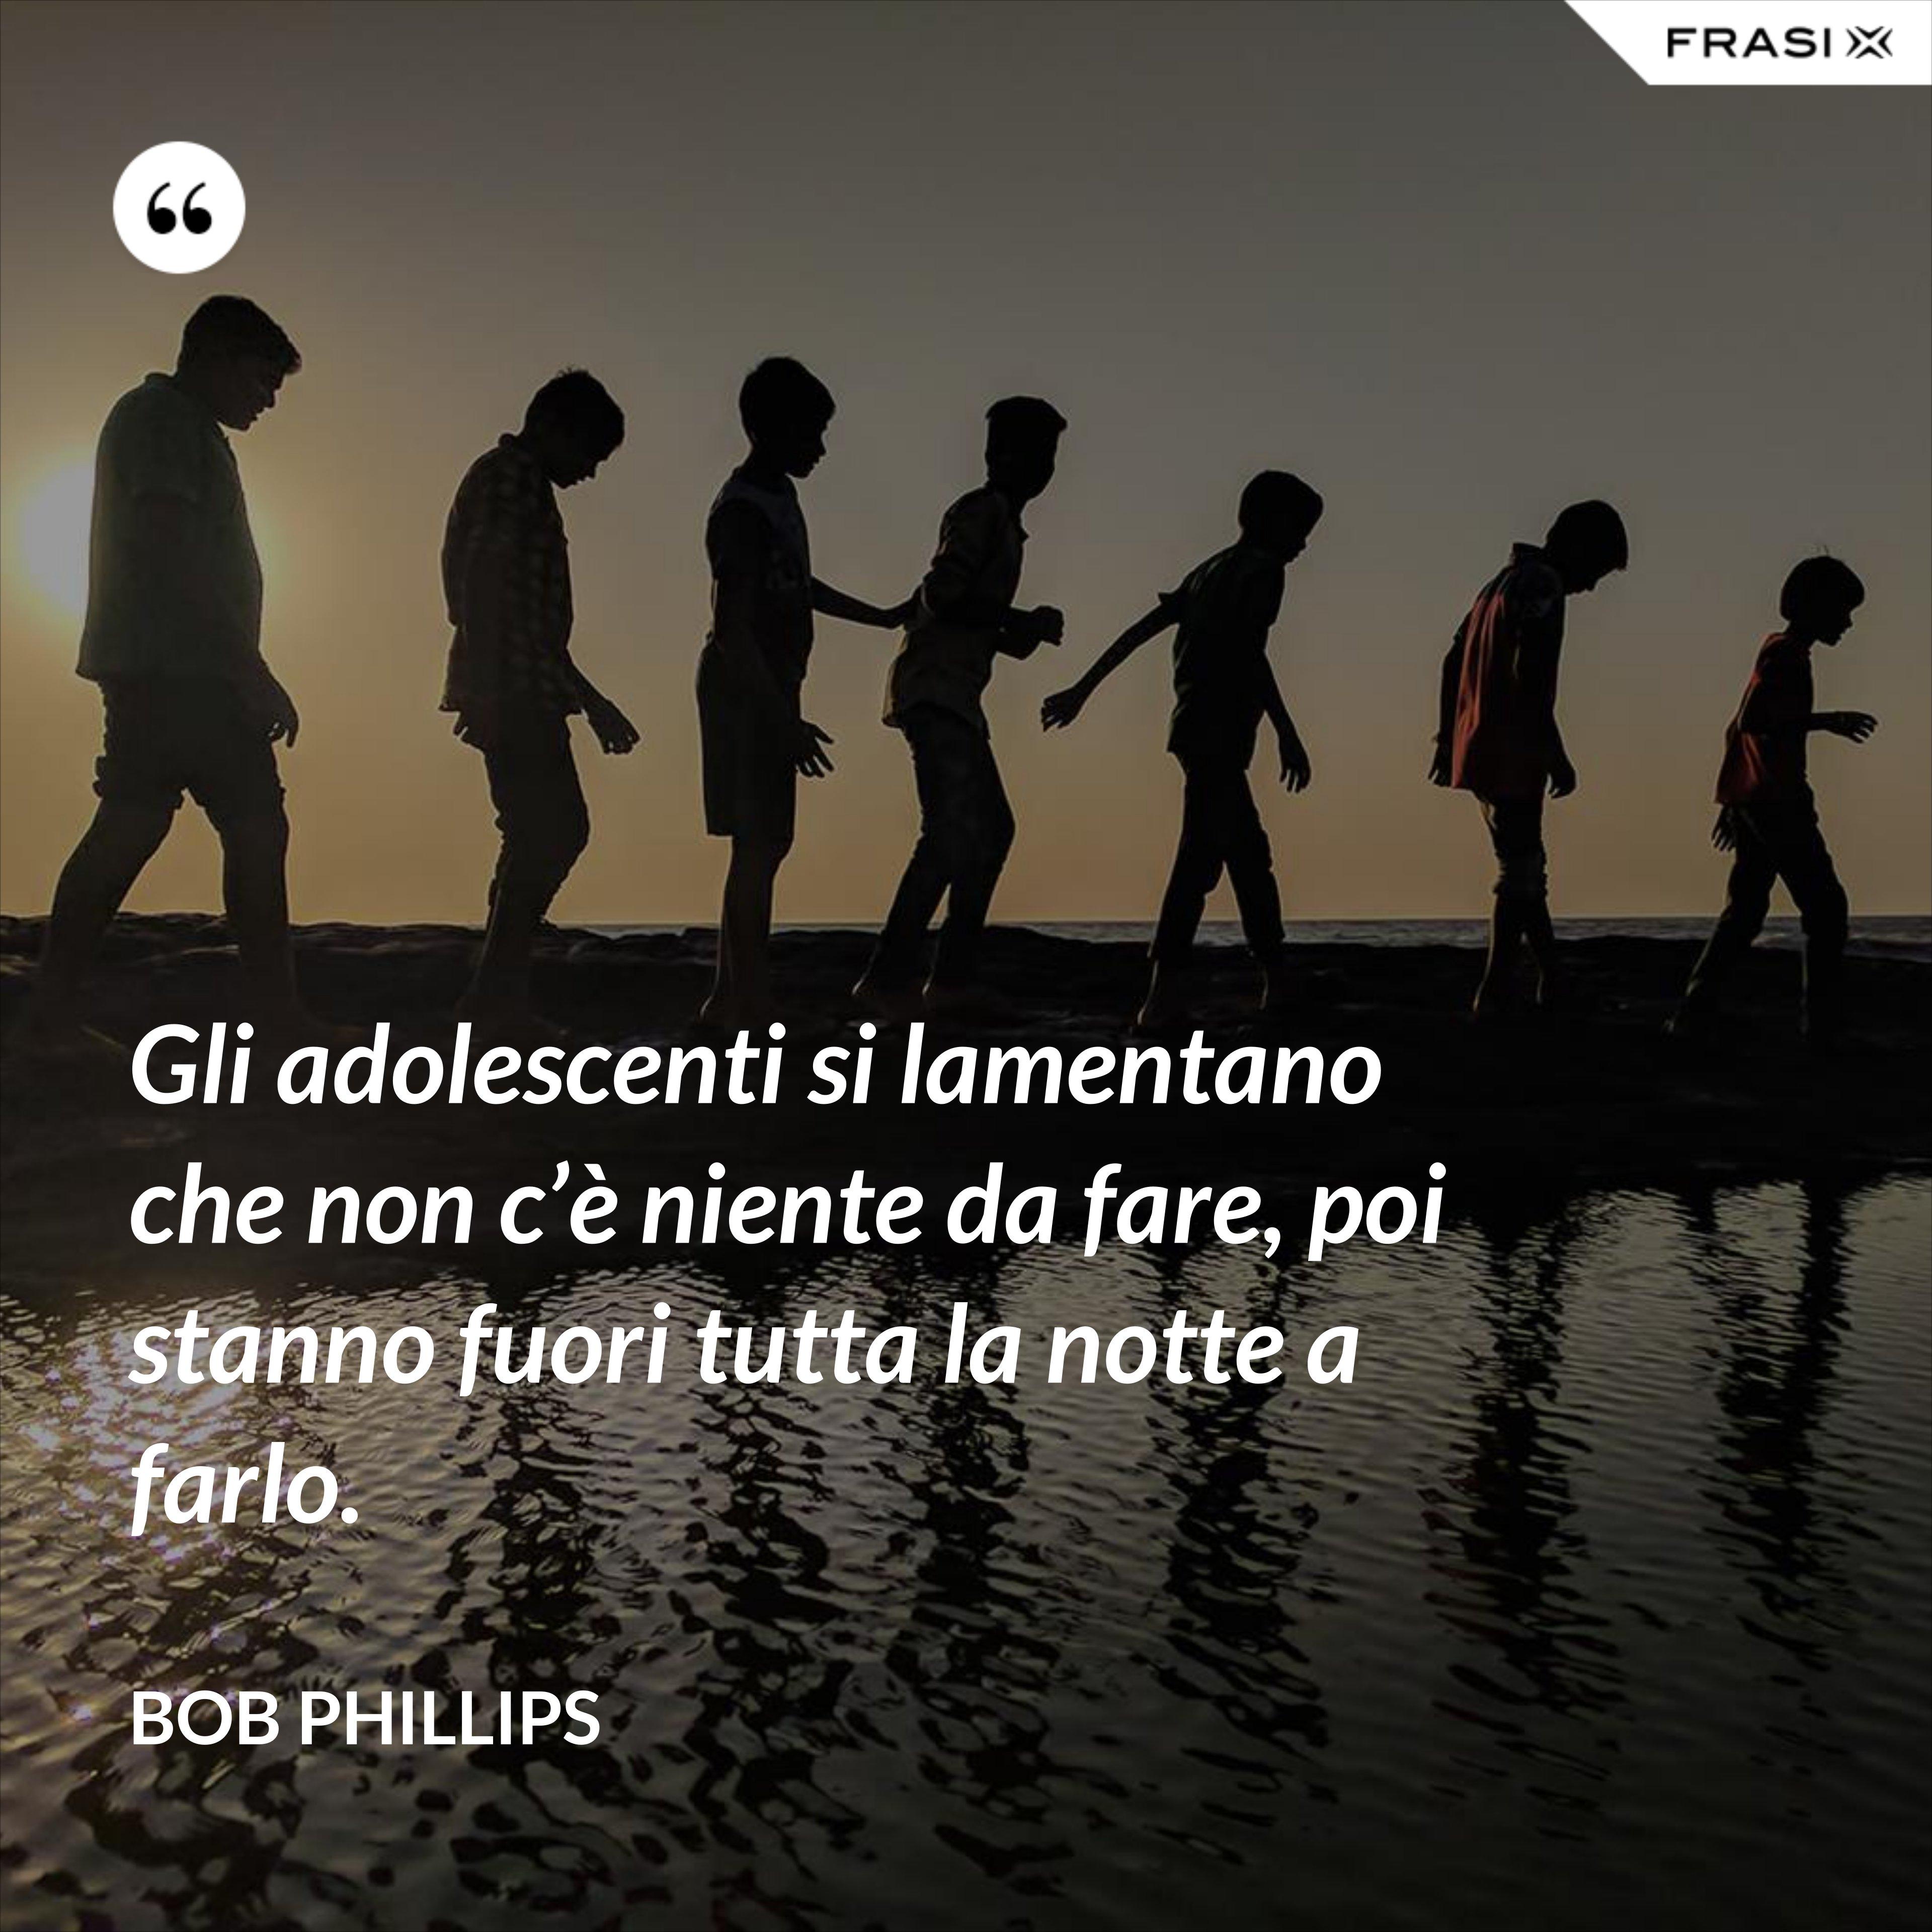 Gli adolescenti si lamentano che non c'è niente da fare, poi stanno fuori tutta la notte a farlo. - Bob Phillips